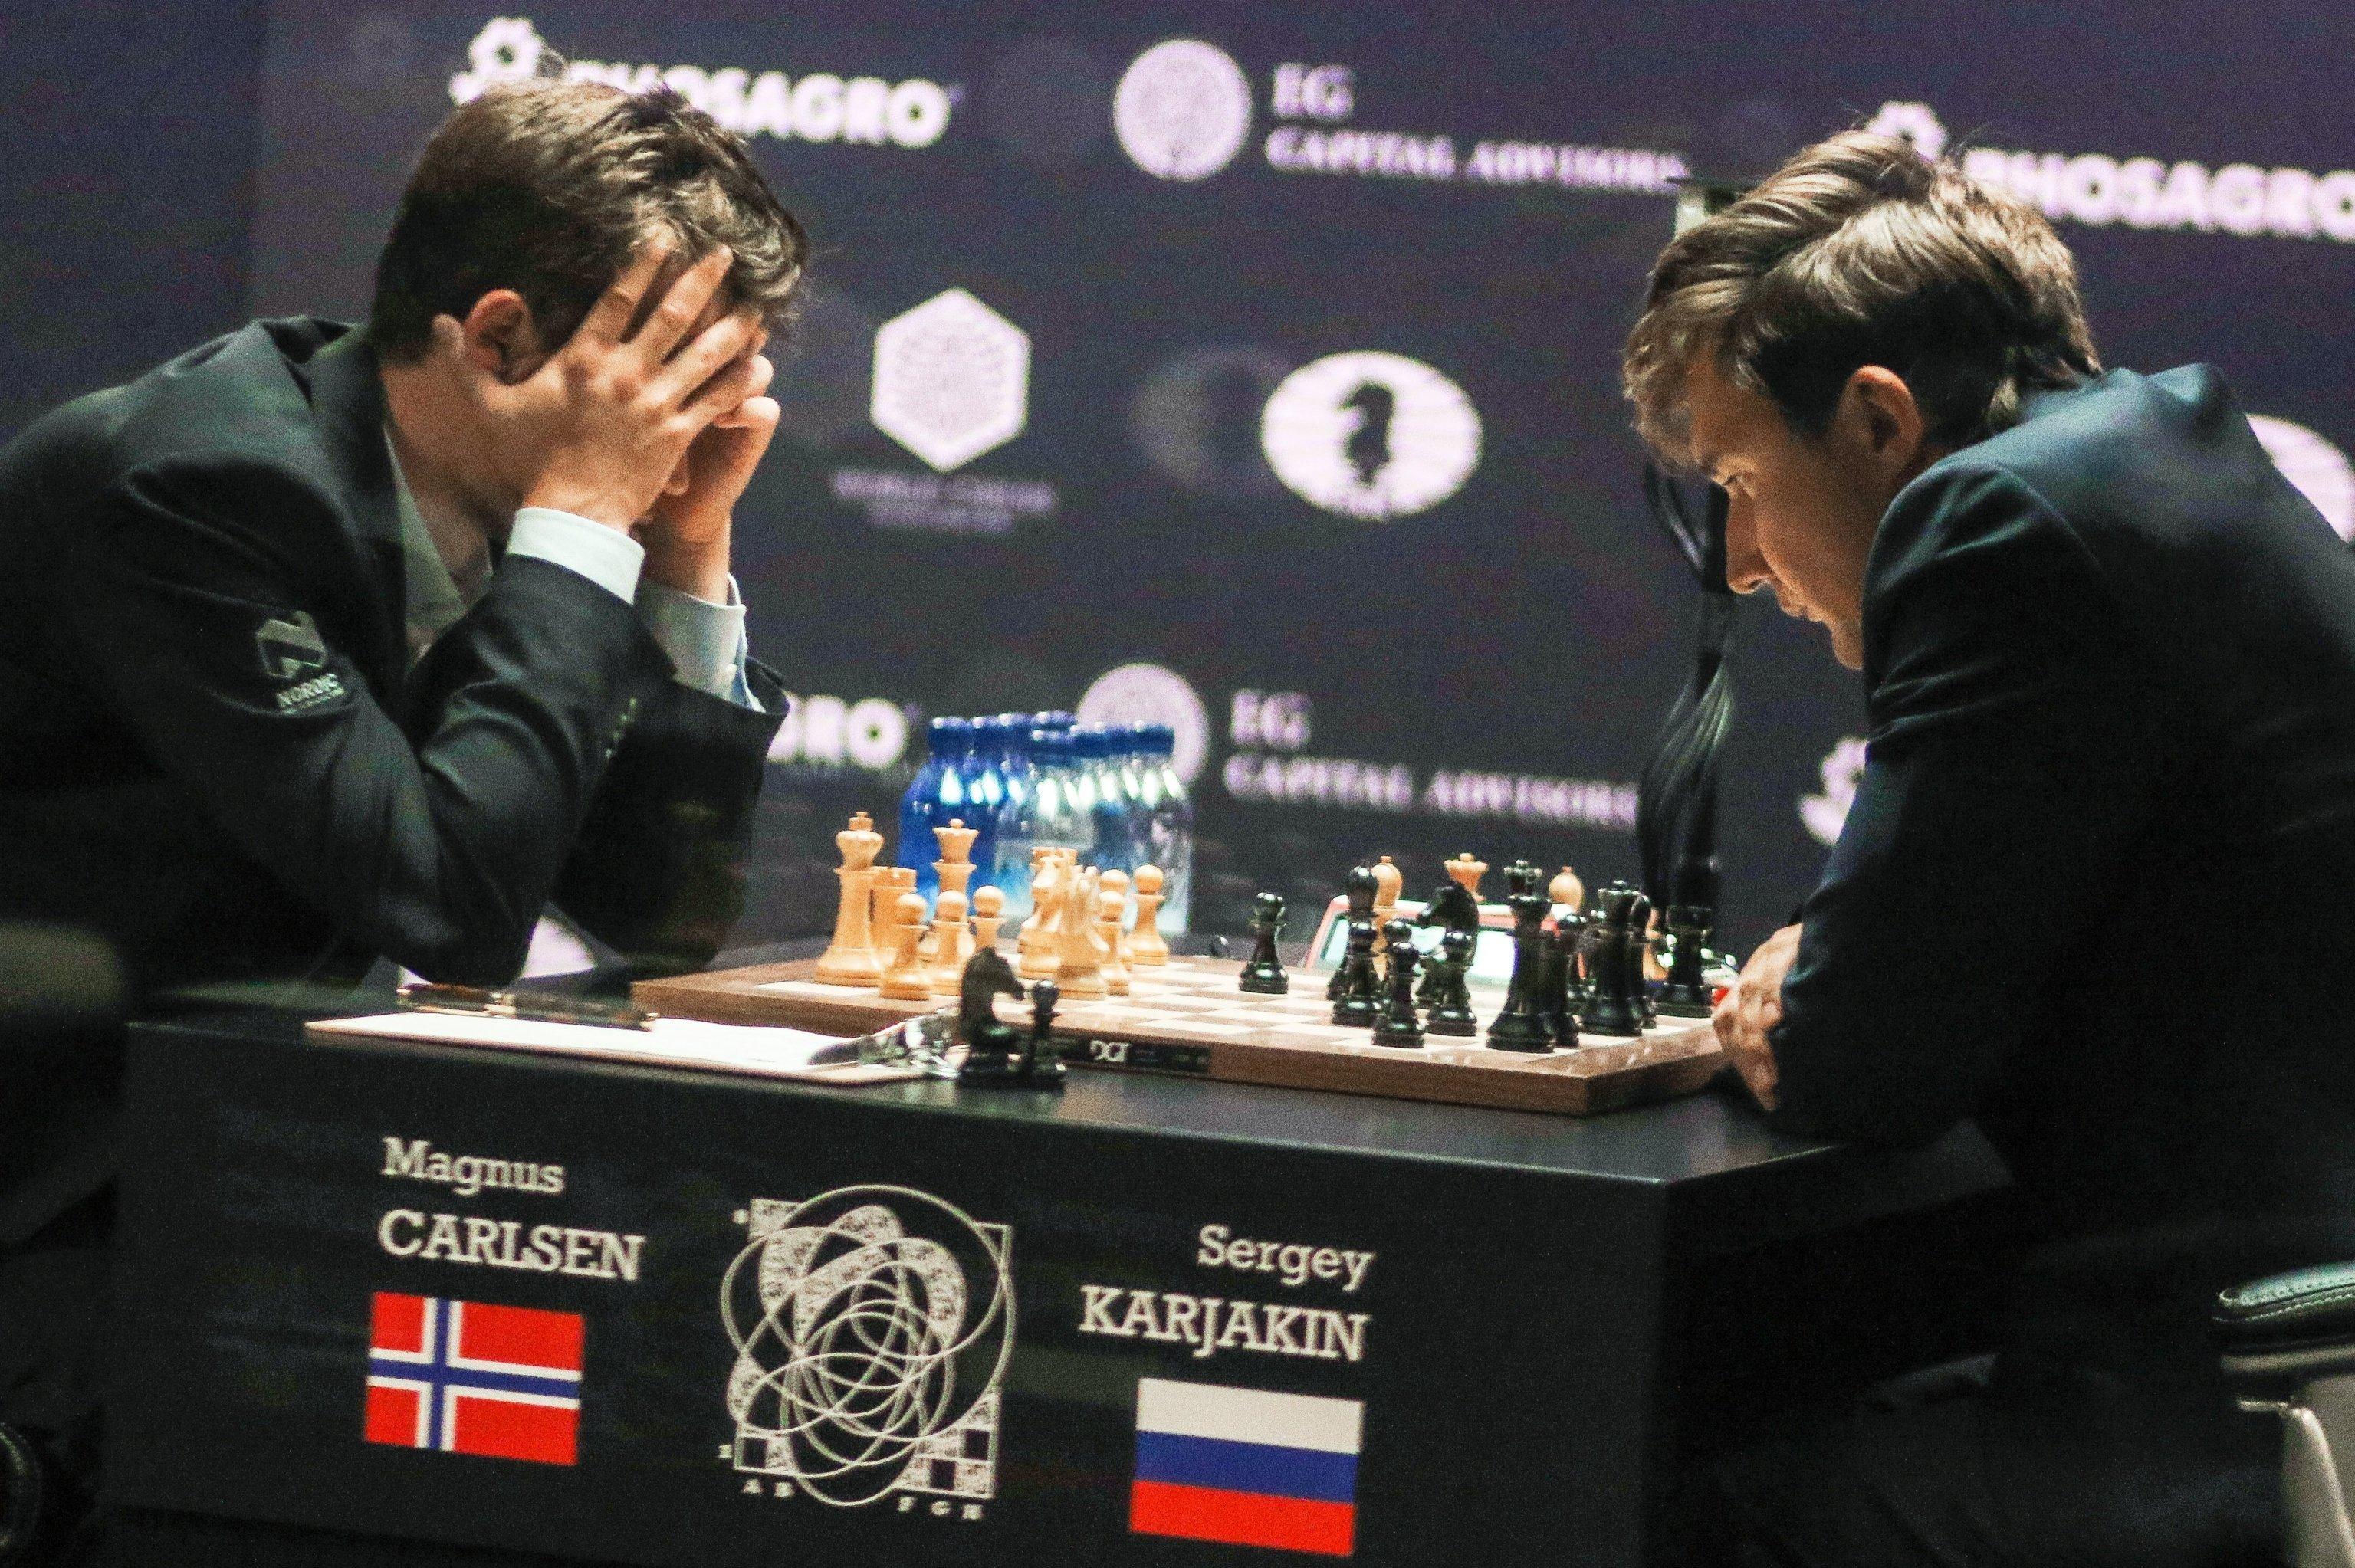 Ajedrecistas Magnus Carlsen, de Noruega, y Serguéi Kariakin, de Rusia